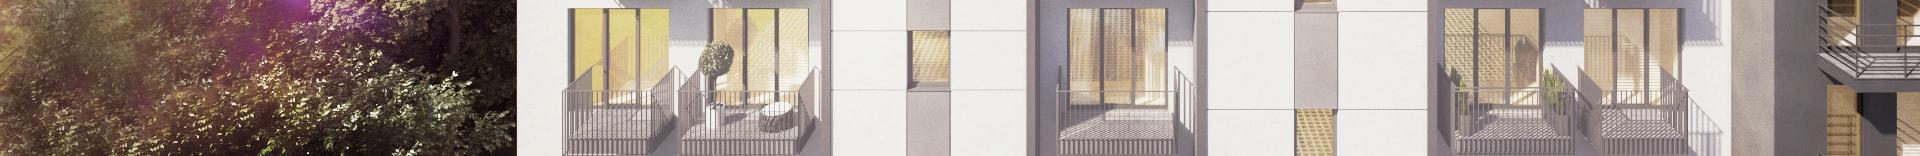 ps2 05 - Strona główna